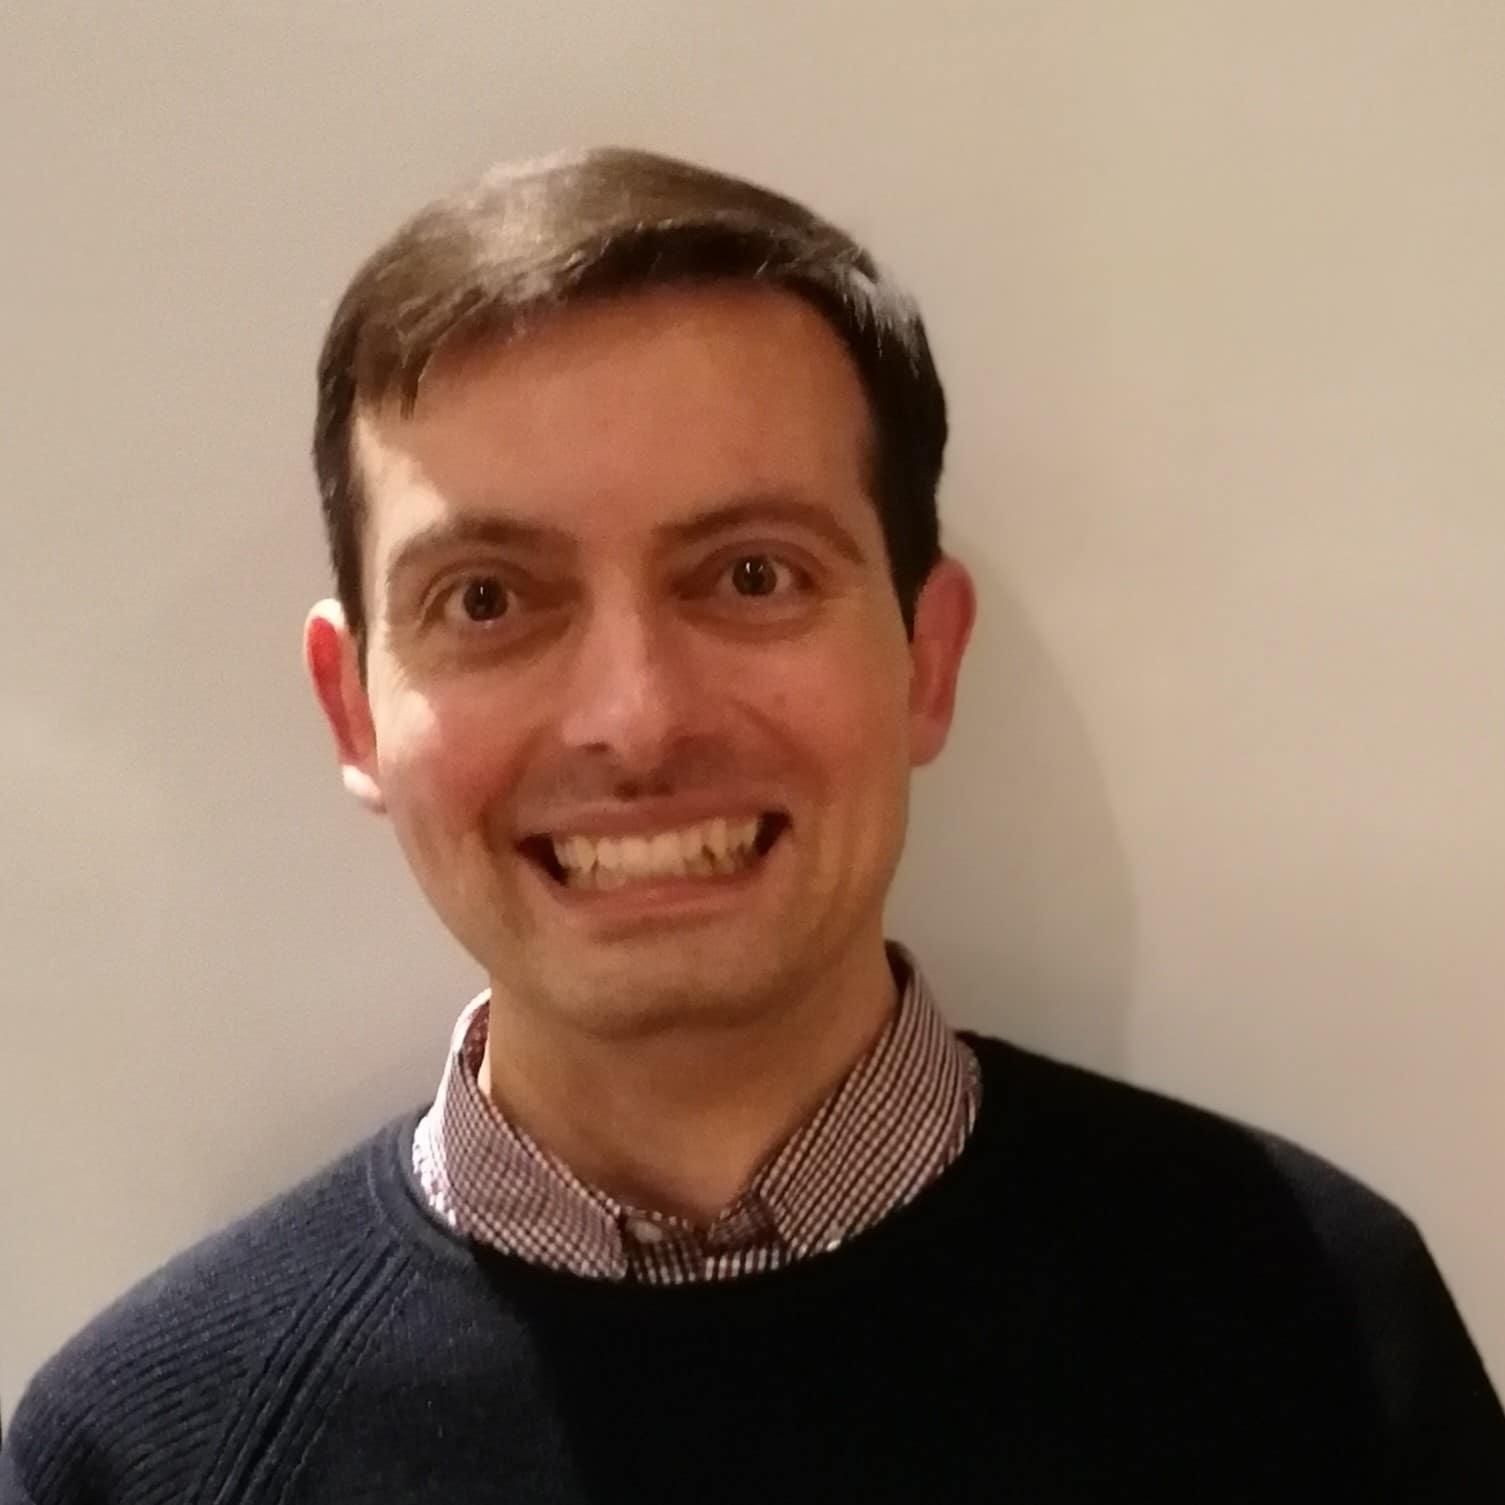 Karim Pedersen